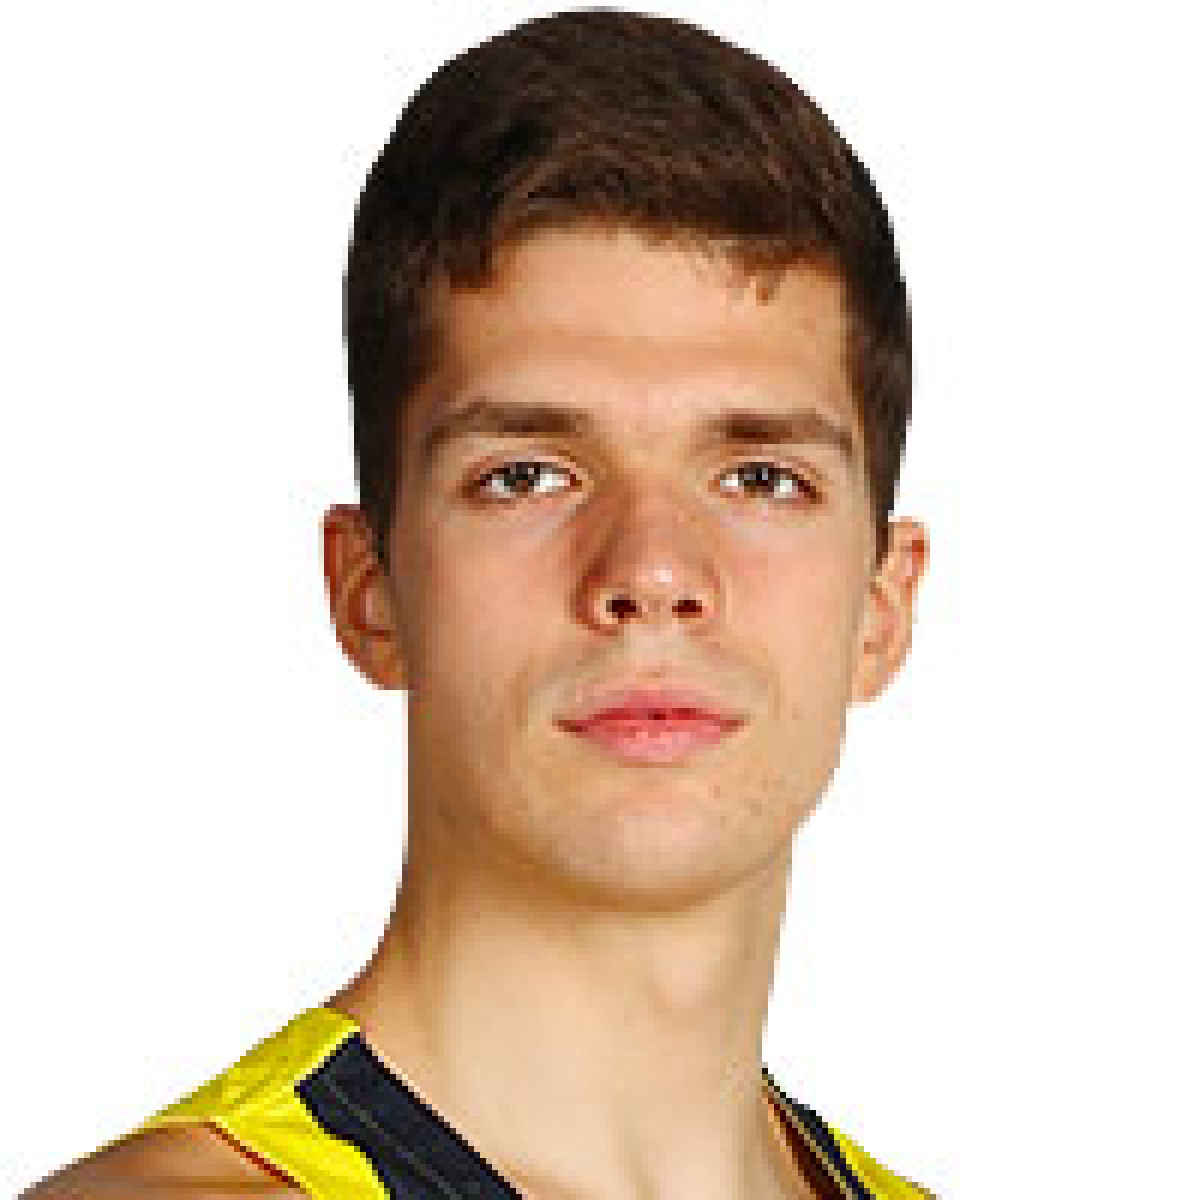 Tarik Biberovic